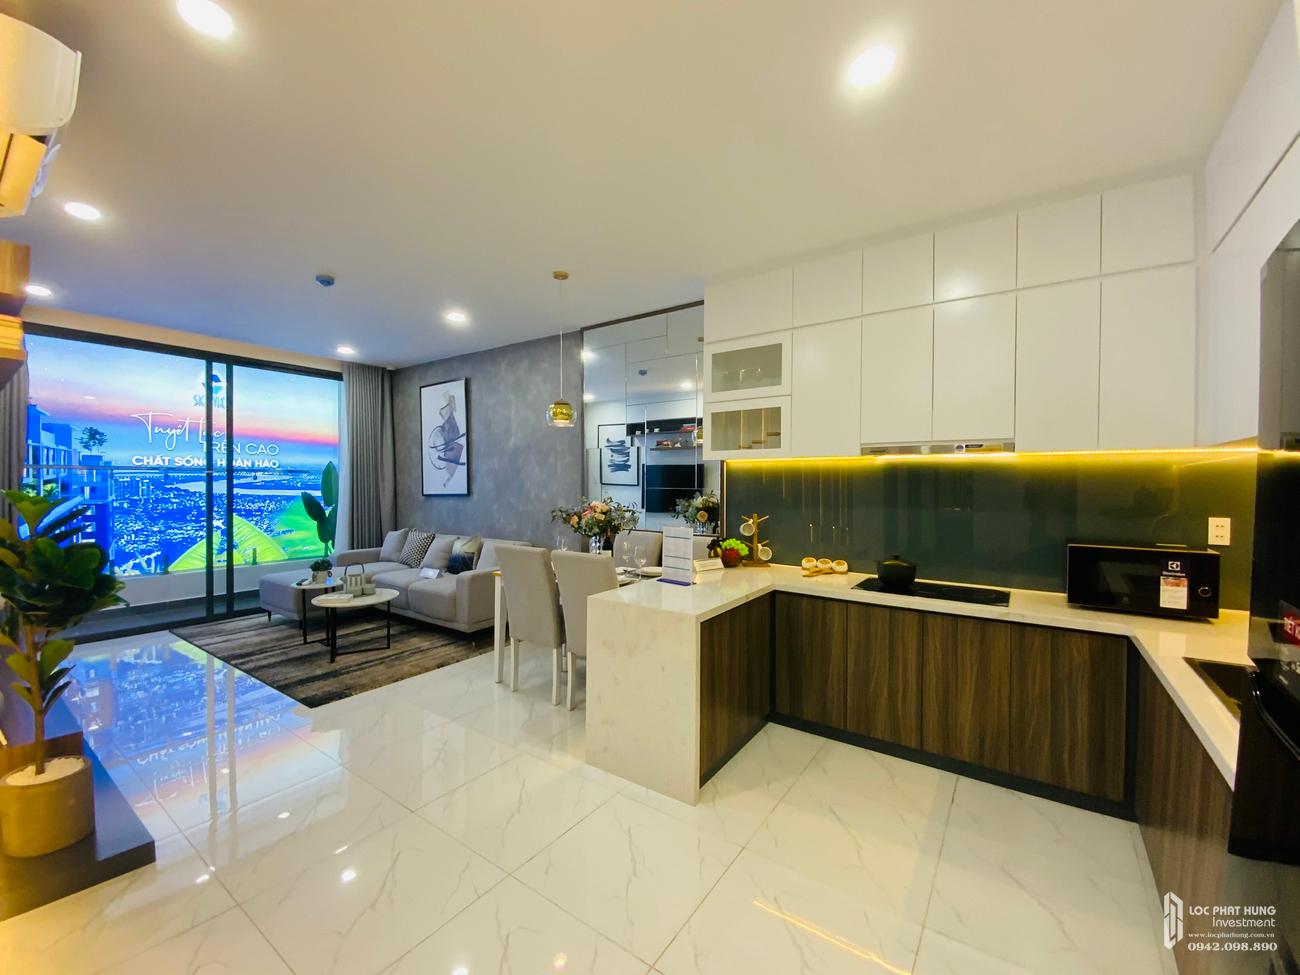 Tiến độ dự án căn hộ chung cư C Skyview Bình Dương Đường Trần Phú chủ đầu tư Quốc Cường Chánh Nghĩa